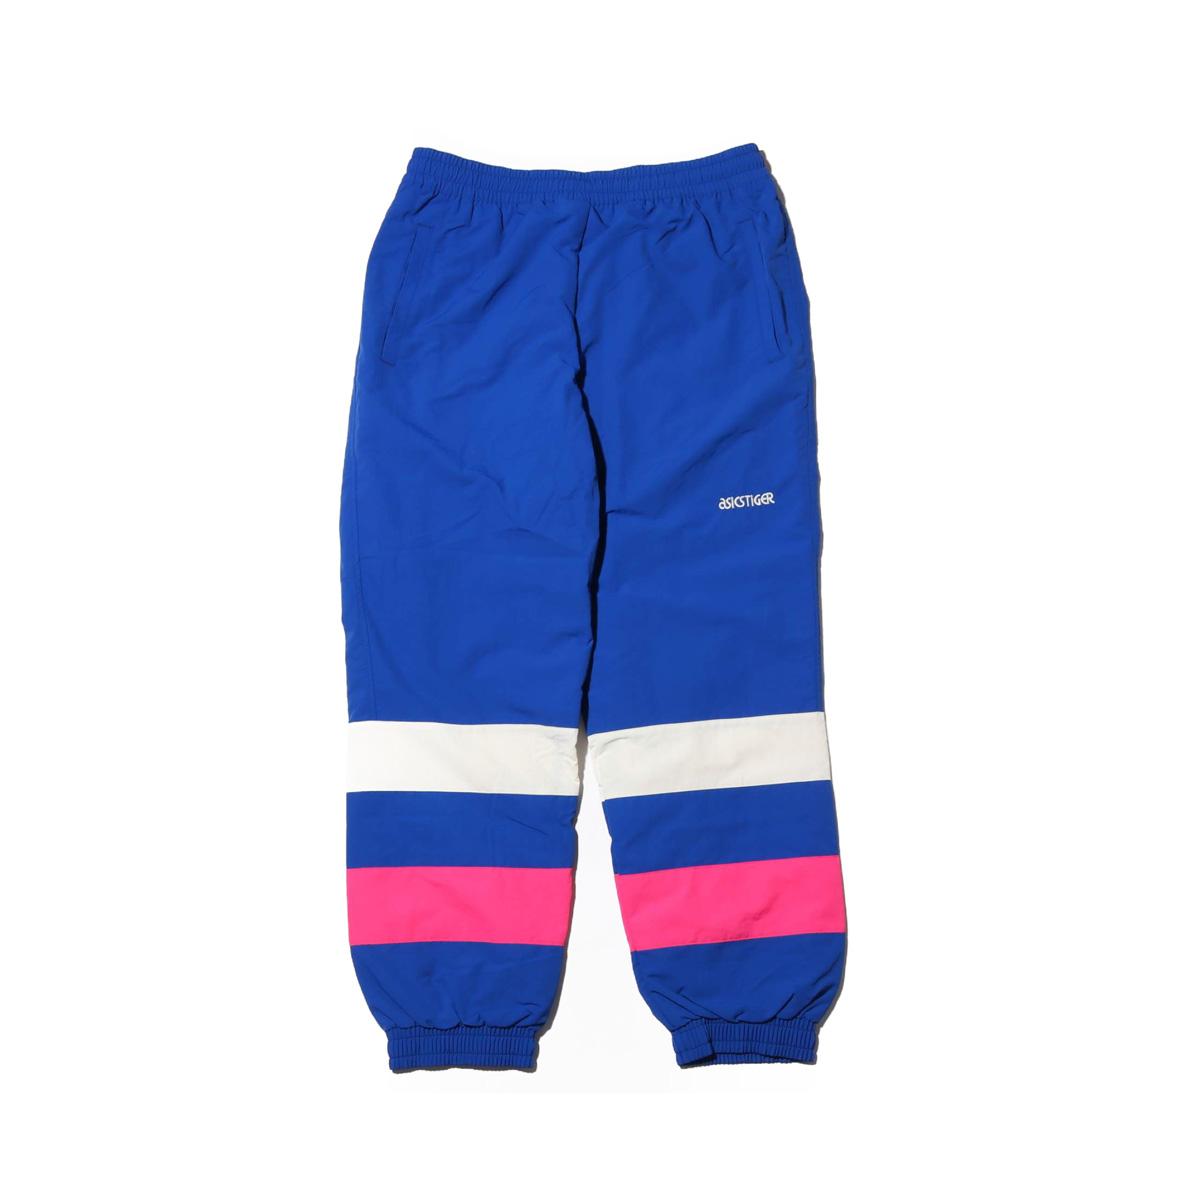 ASICSTIGER CB WB Pants(アシックスタイガー CB WB パンツ)ASICS BLUE【メンズ レディース パンツ】18FW-I